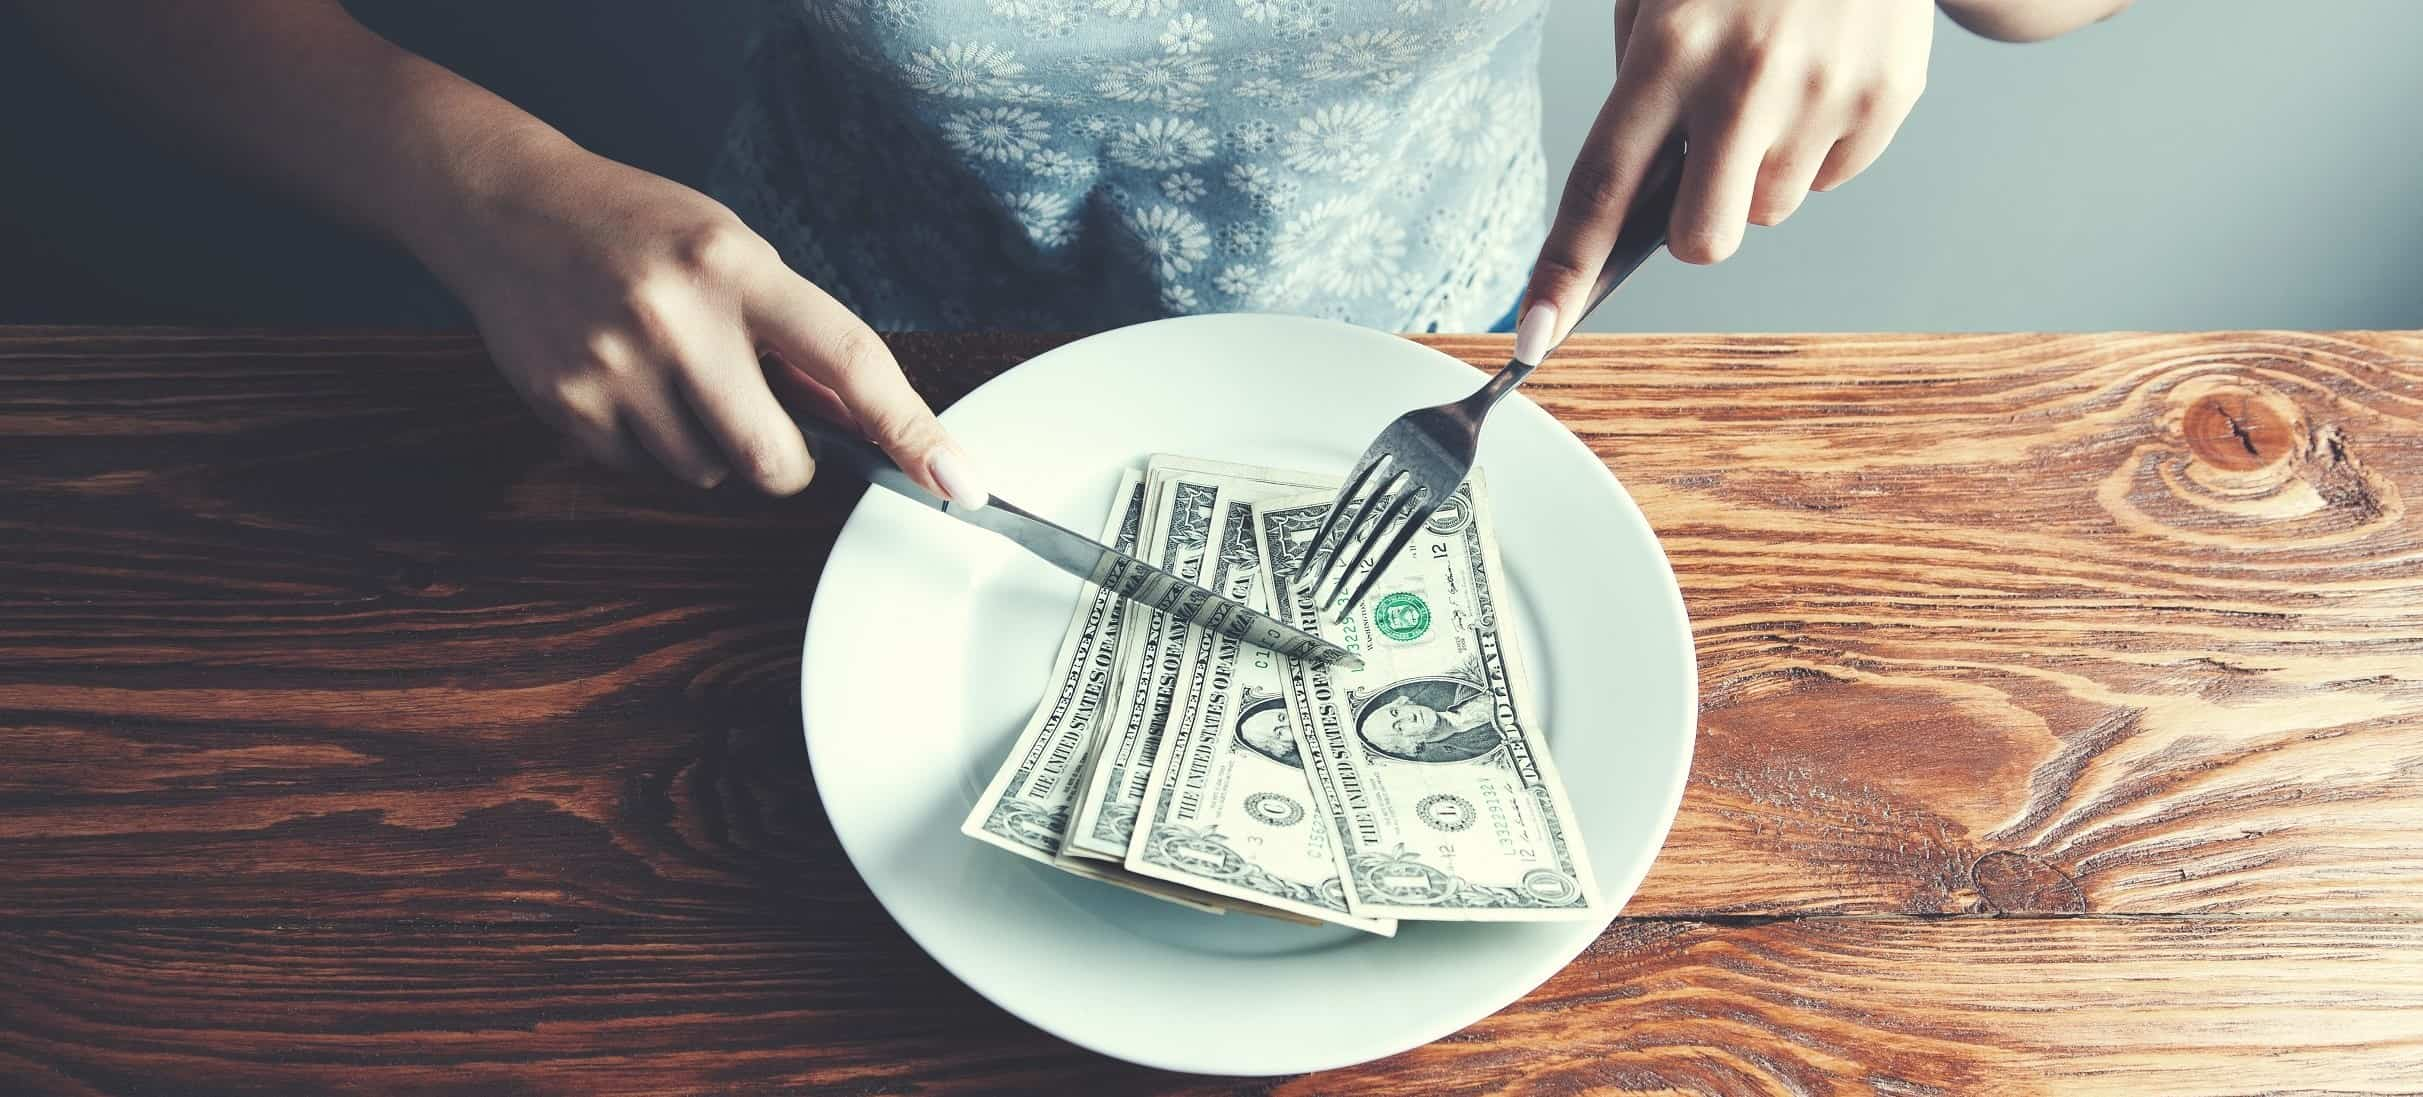 Economia no cotidiano - Dólar em um prato de comida